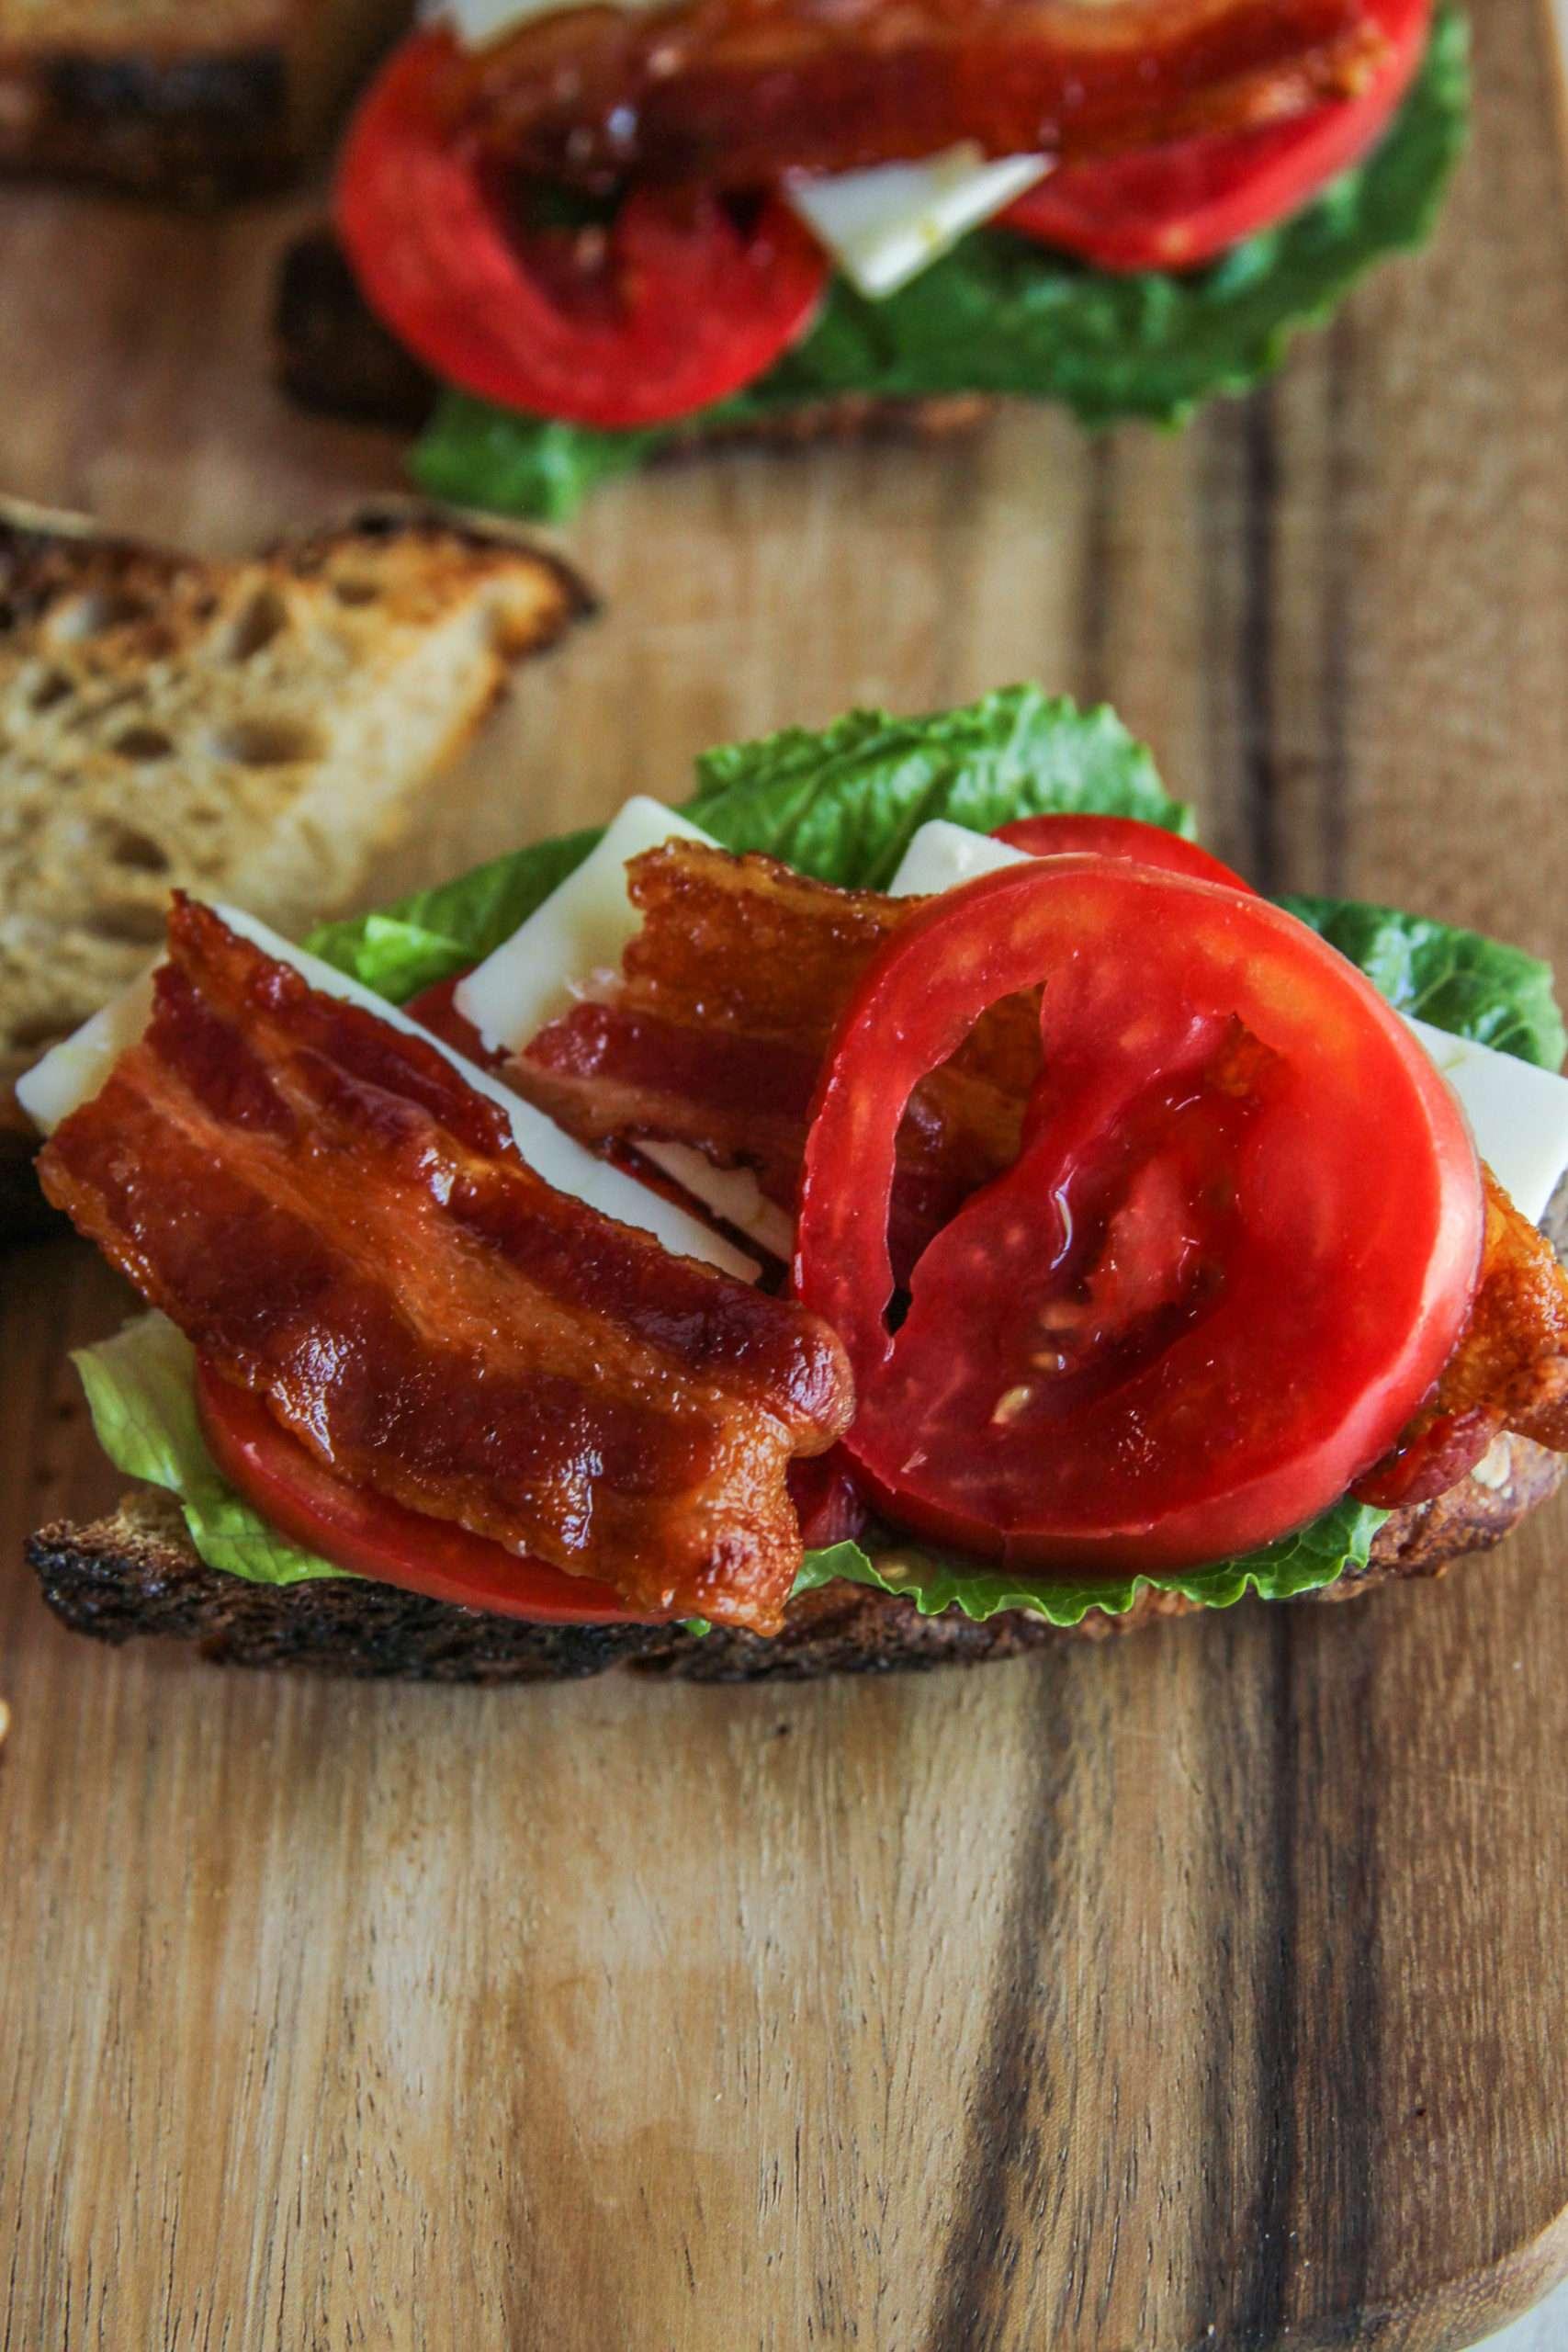 The best recipe for a breakfast sandwich